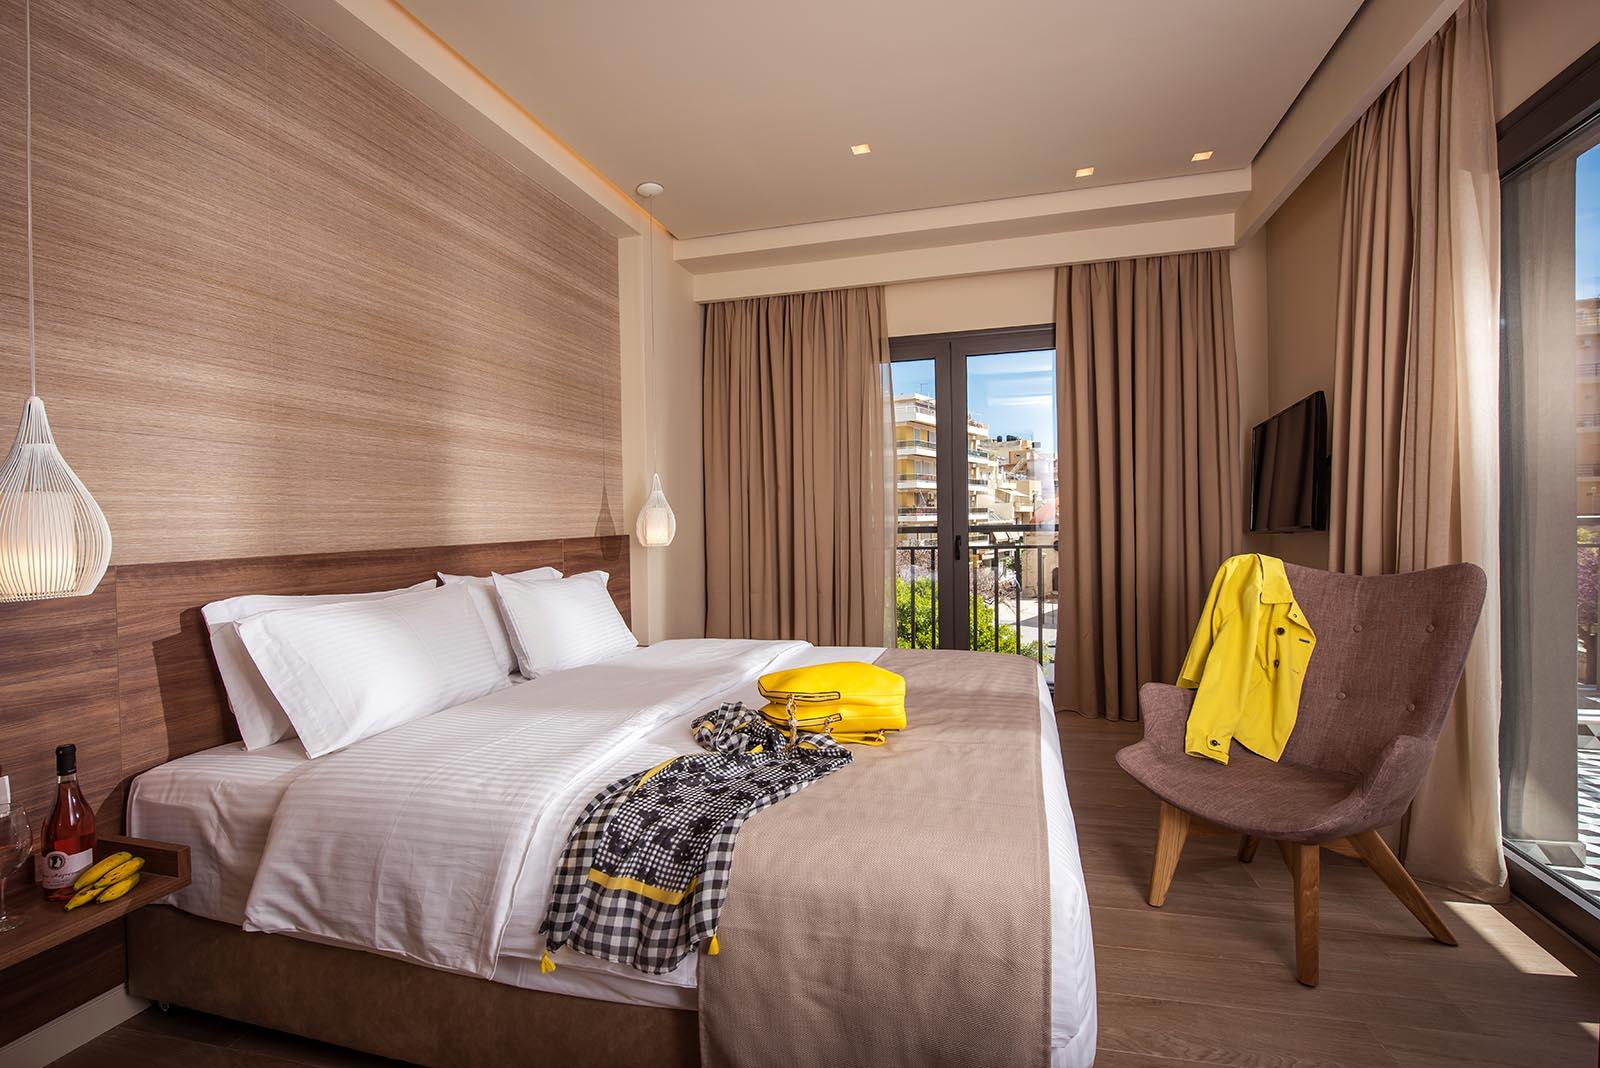 Luxury Hotels in Heraklion Crete - Metropole Urban Hotel